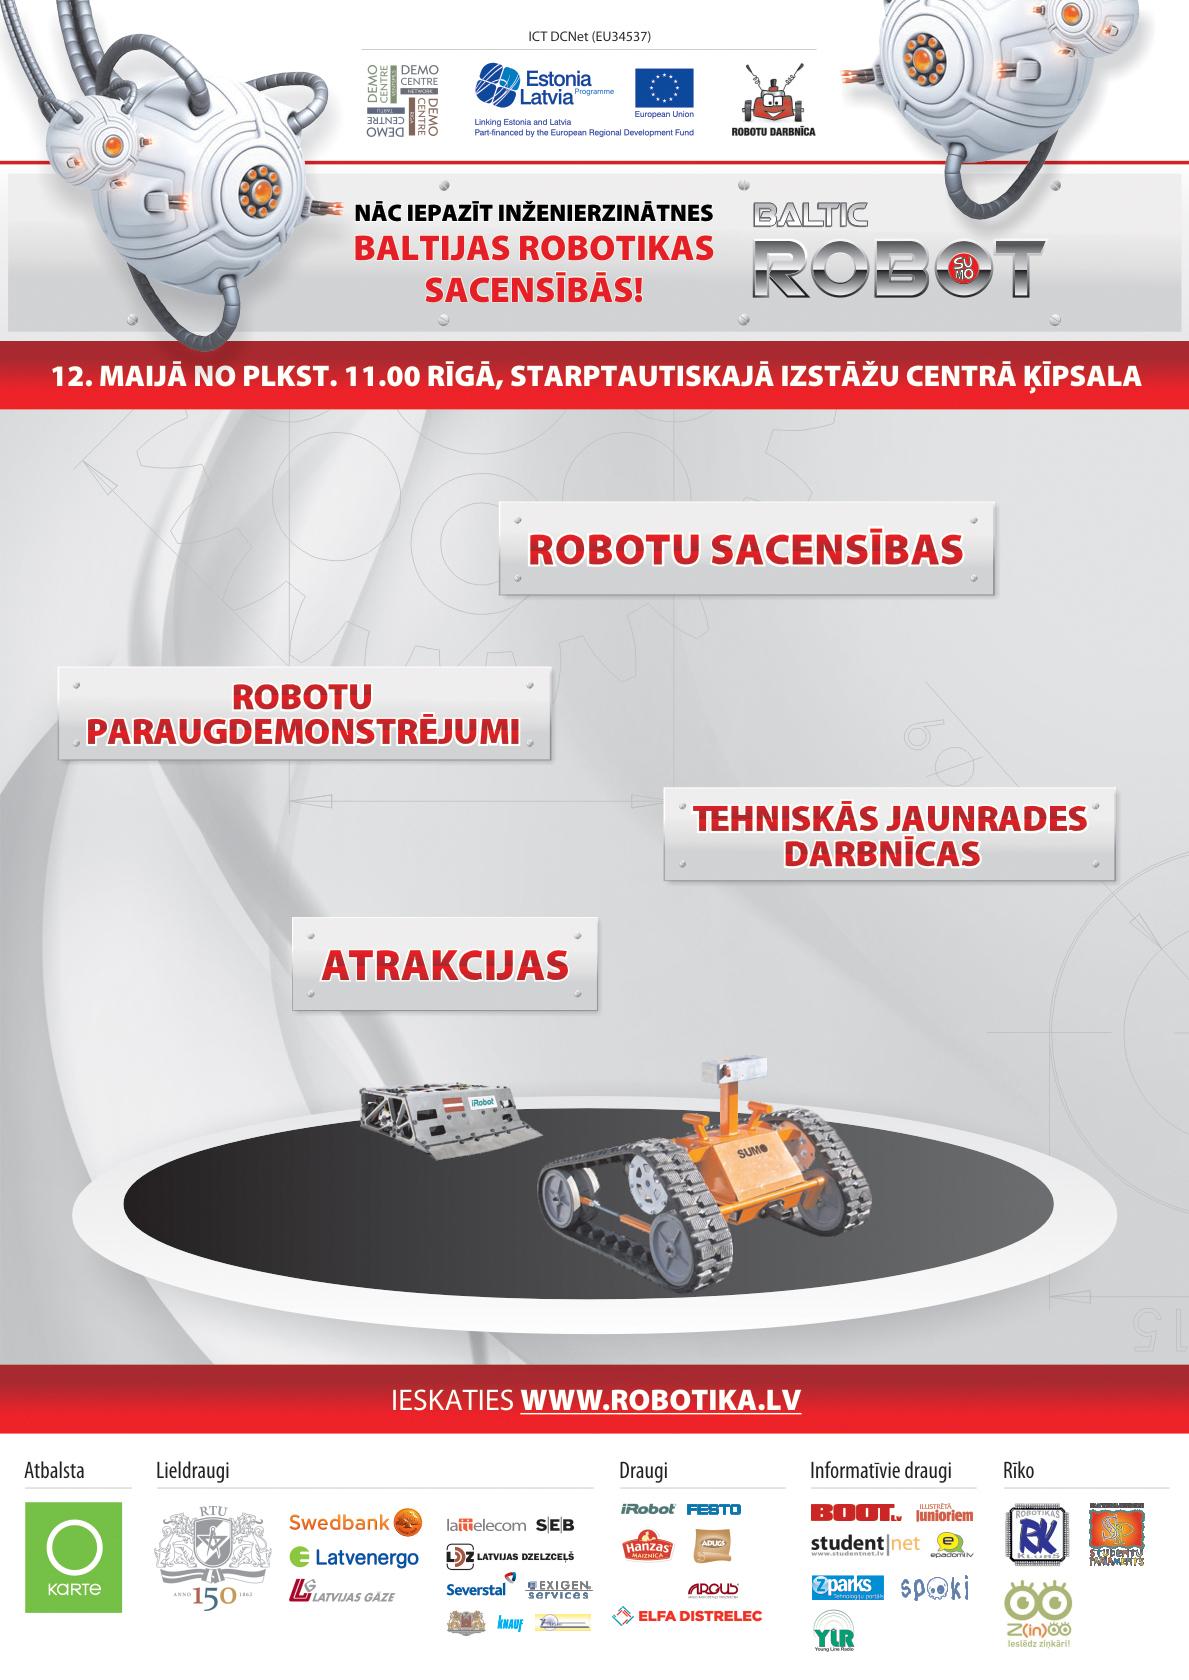 tirdzniecības robotu čempionāts)